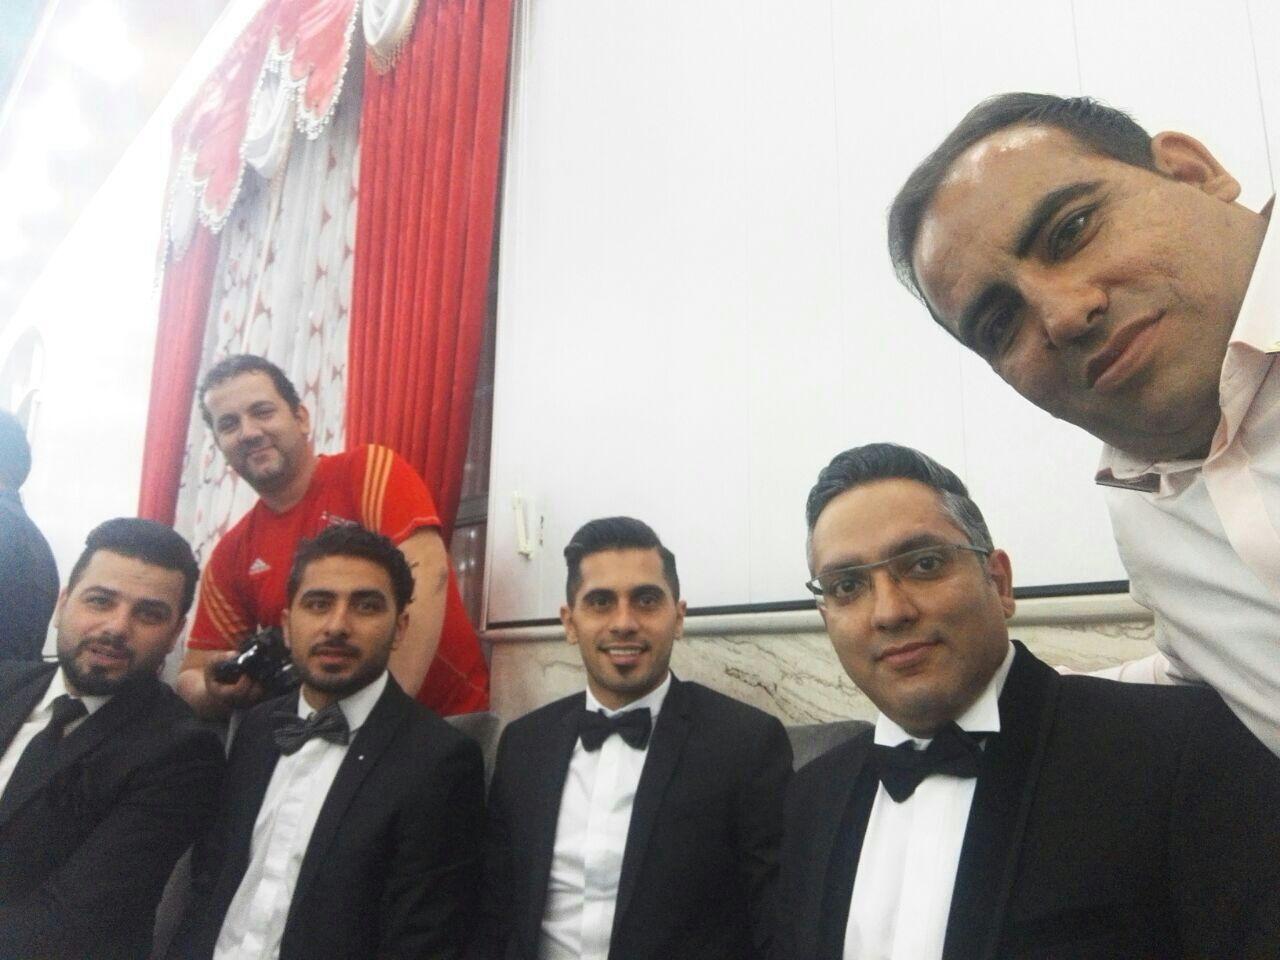 1464257851 عکس های بازیکنان پرسپولیس در مراسم عروسی علی علیپور